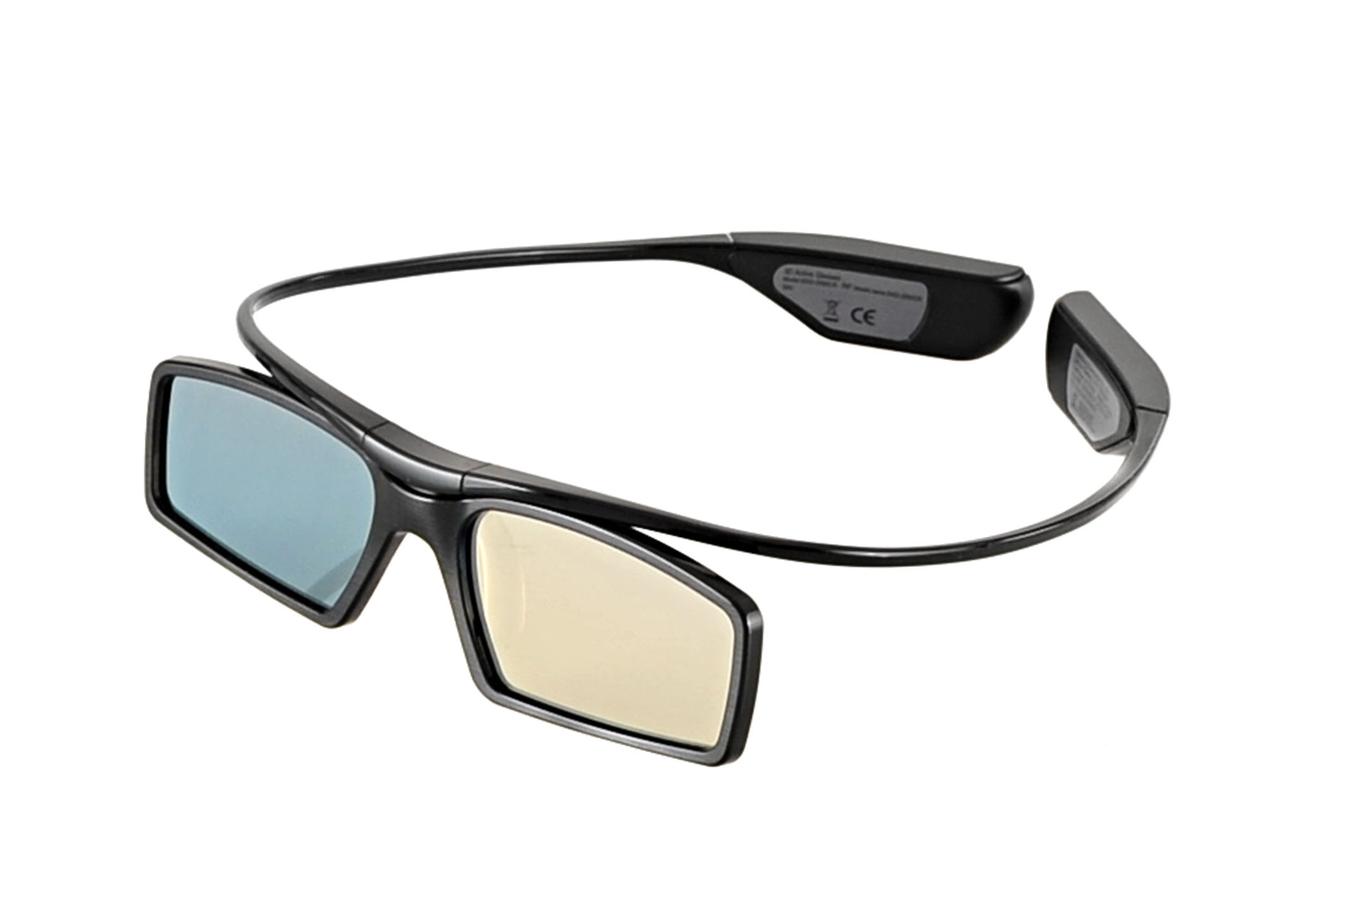 lunettes 3d samsung lunettes 3d ssg 3550cr ssg 3550cr. Black Bedroom Furniture Sets. Home Design Ideas